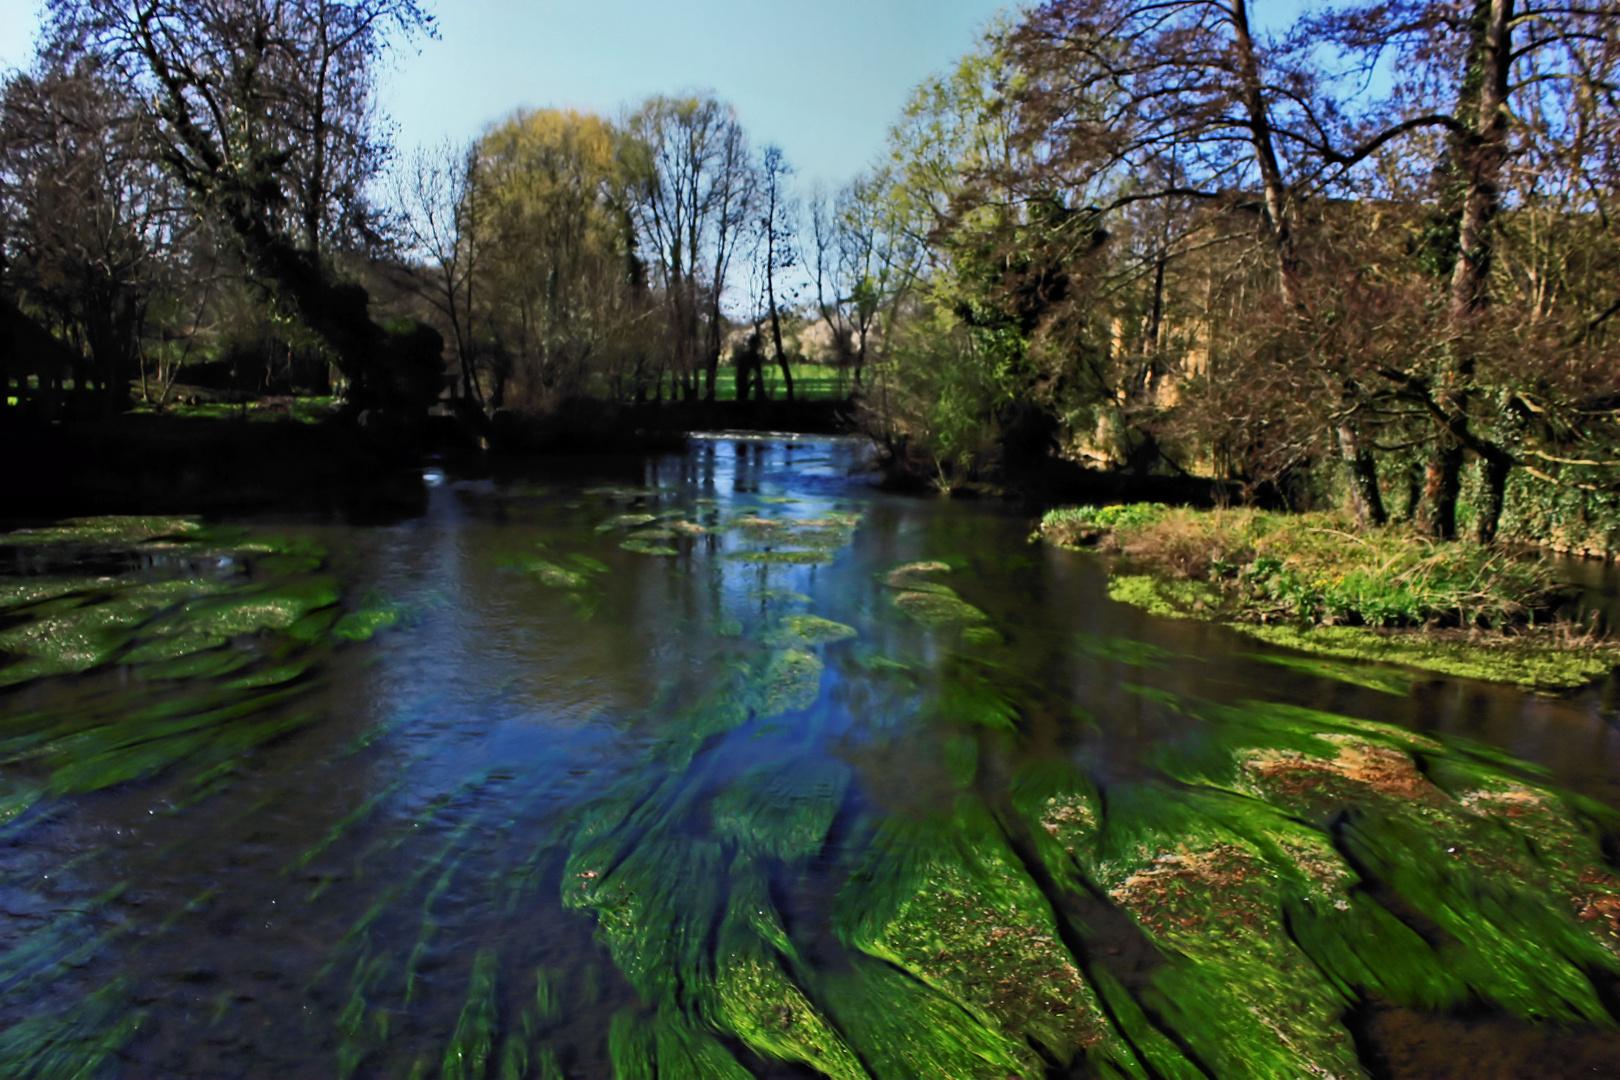 Paresser dans la rivière